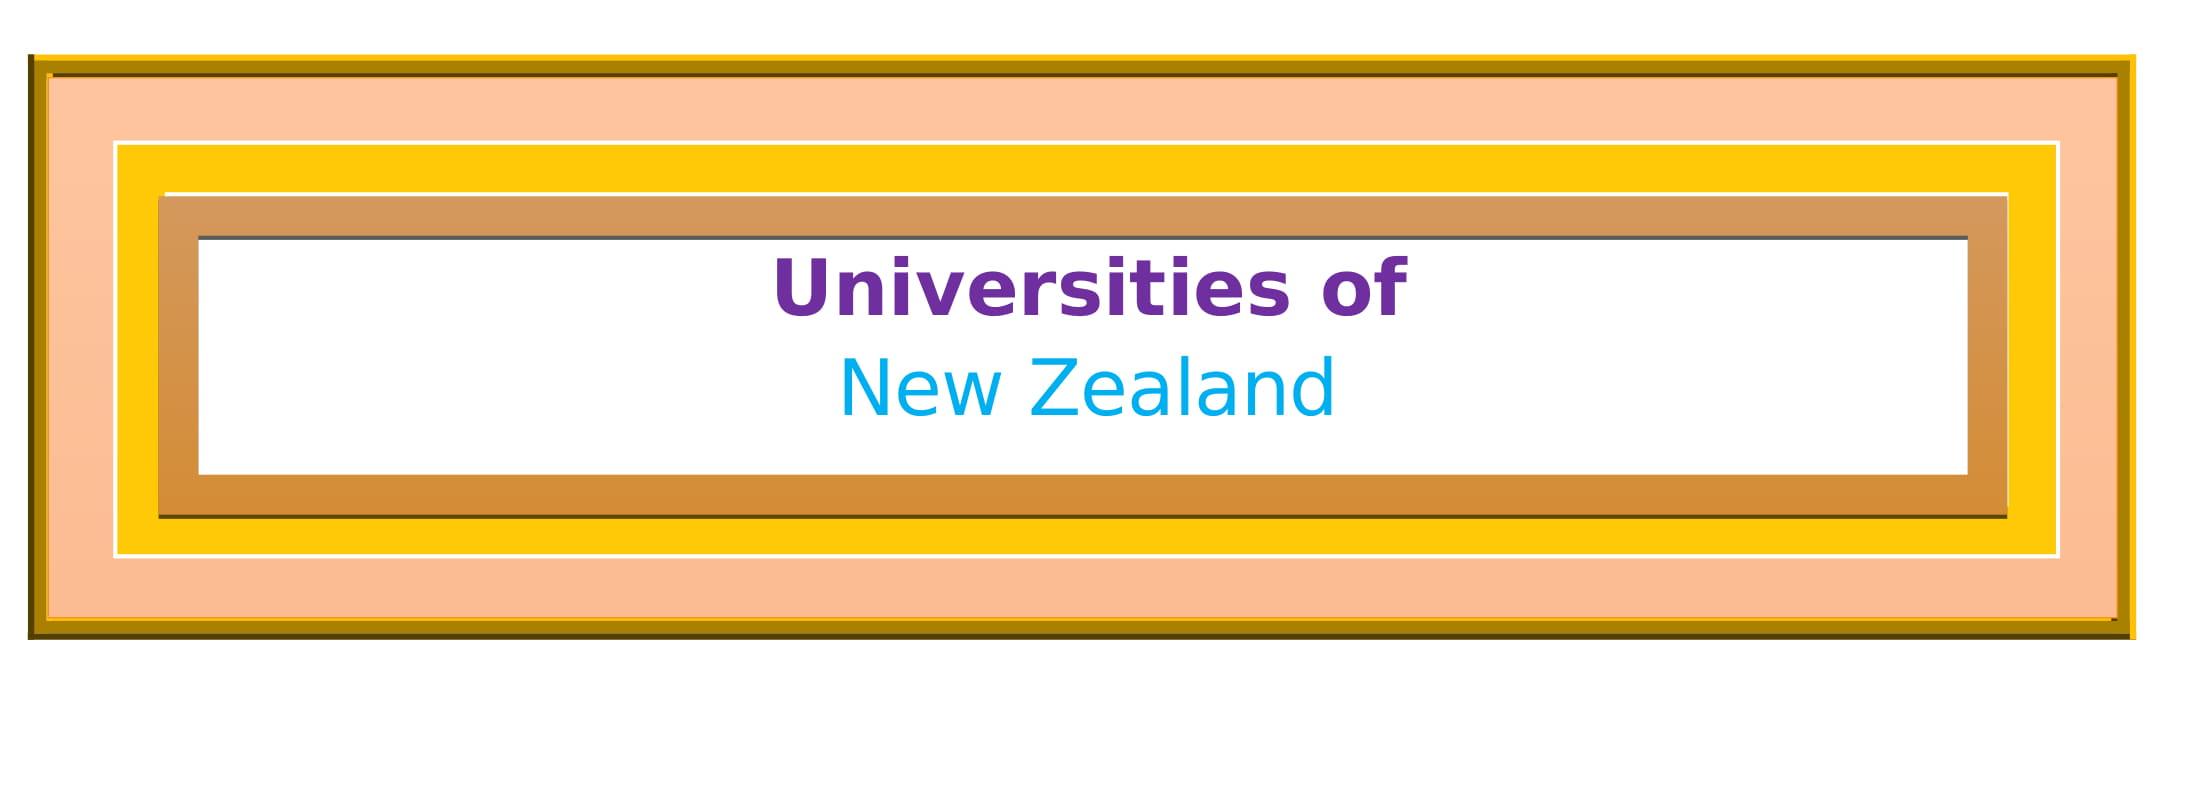 List of Universities in New Zealand